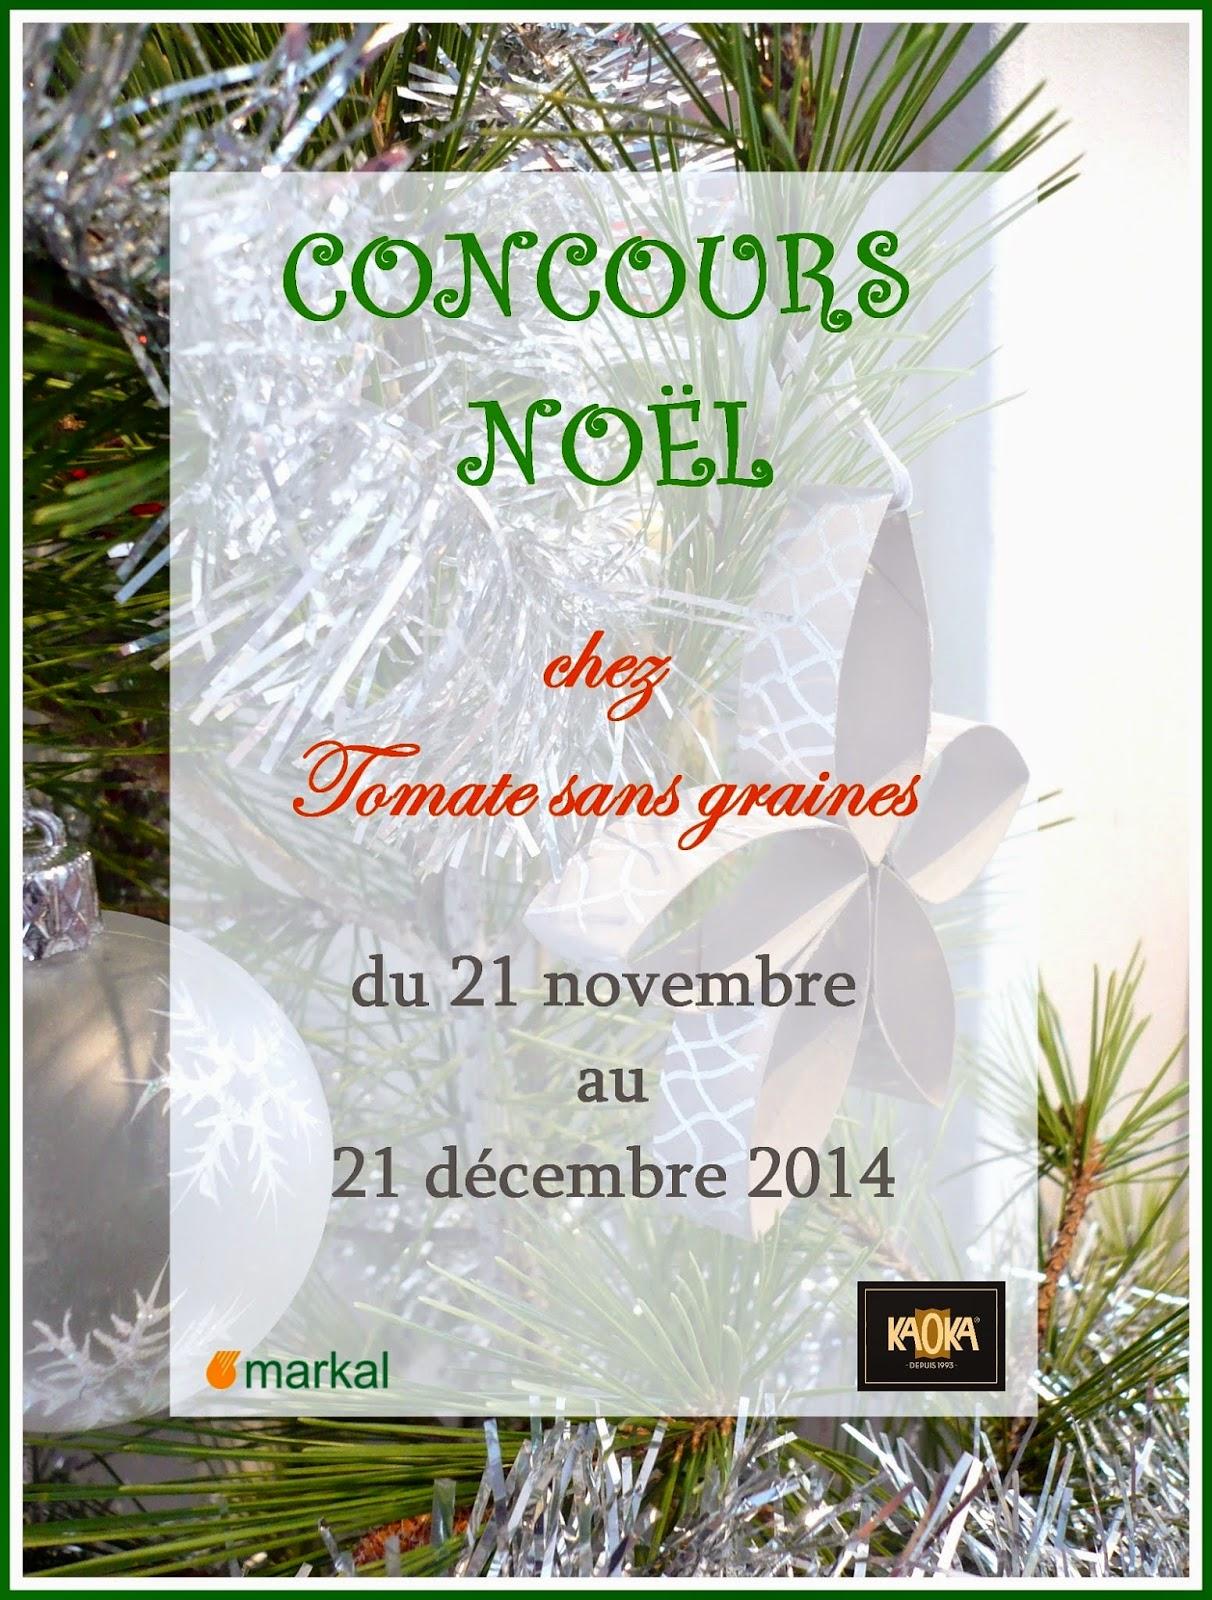 http://tomatesansgraines.blogspot.fr/2014/11/concours-de-noel.html